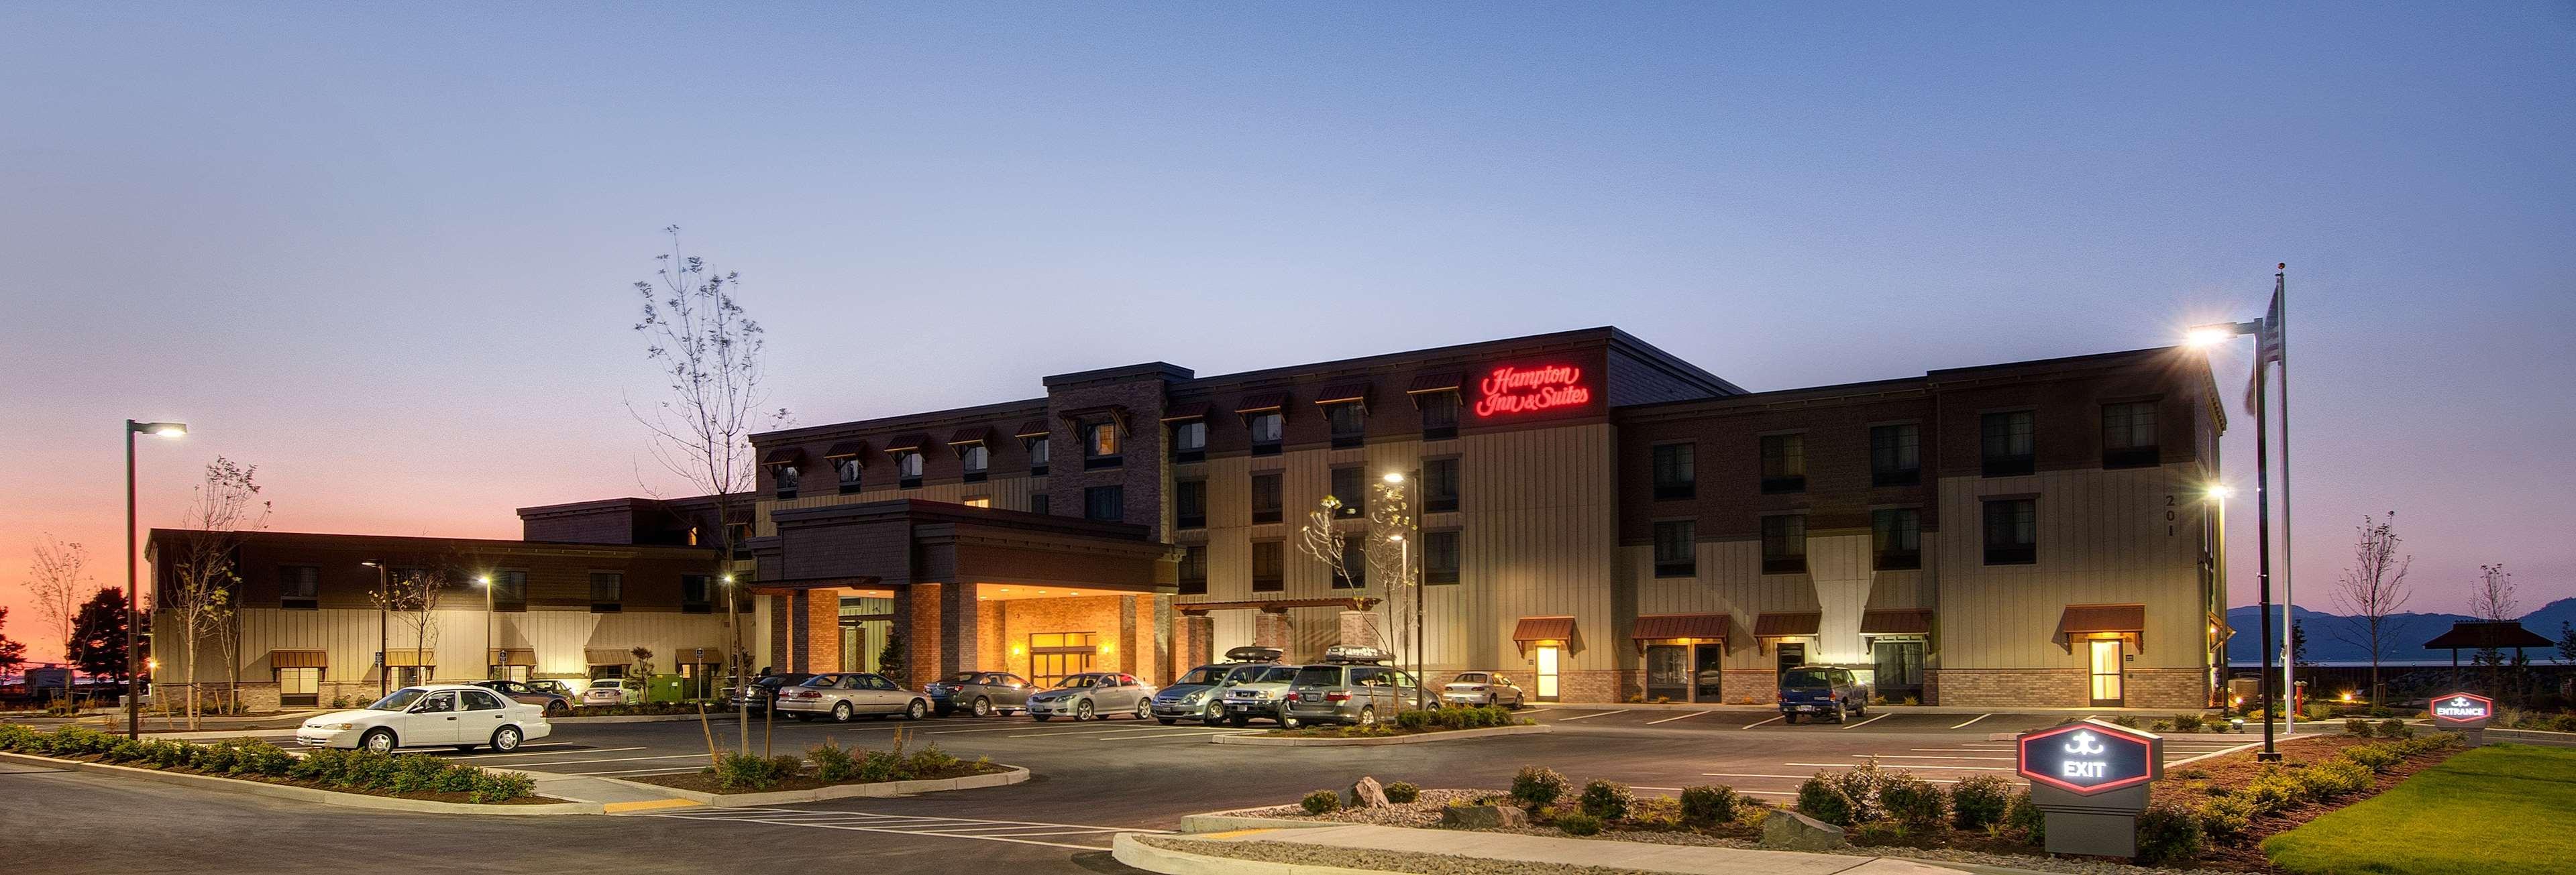 Hampton Inn & Suites Astoria image 2